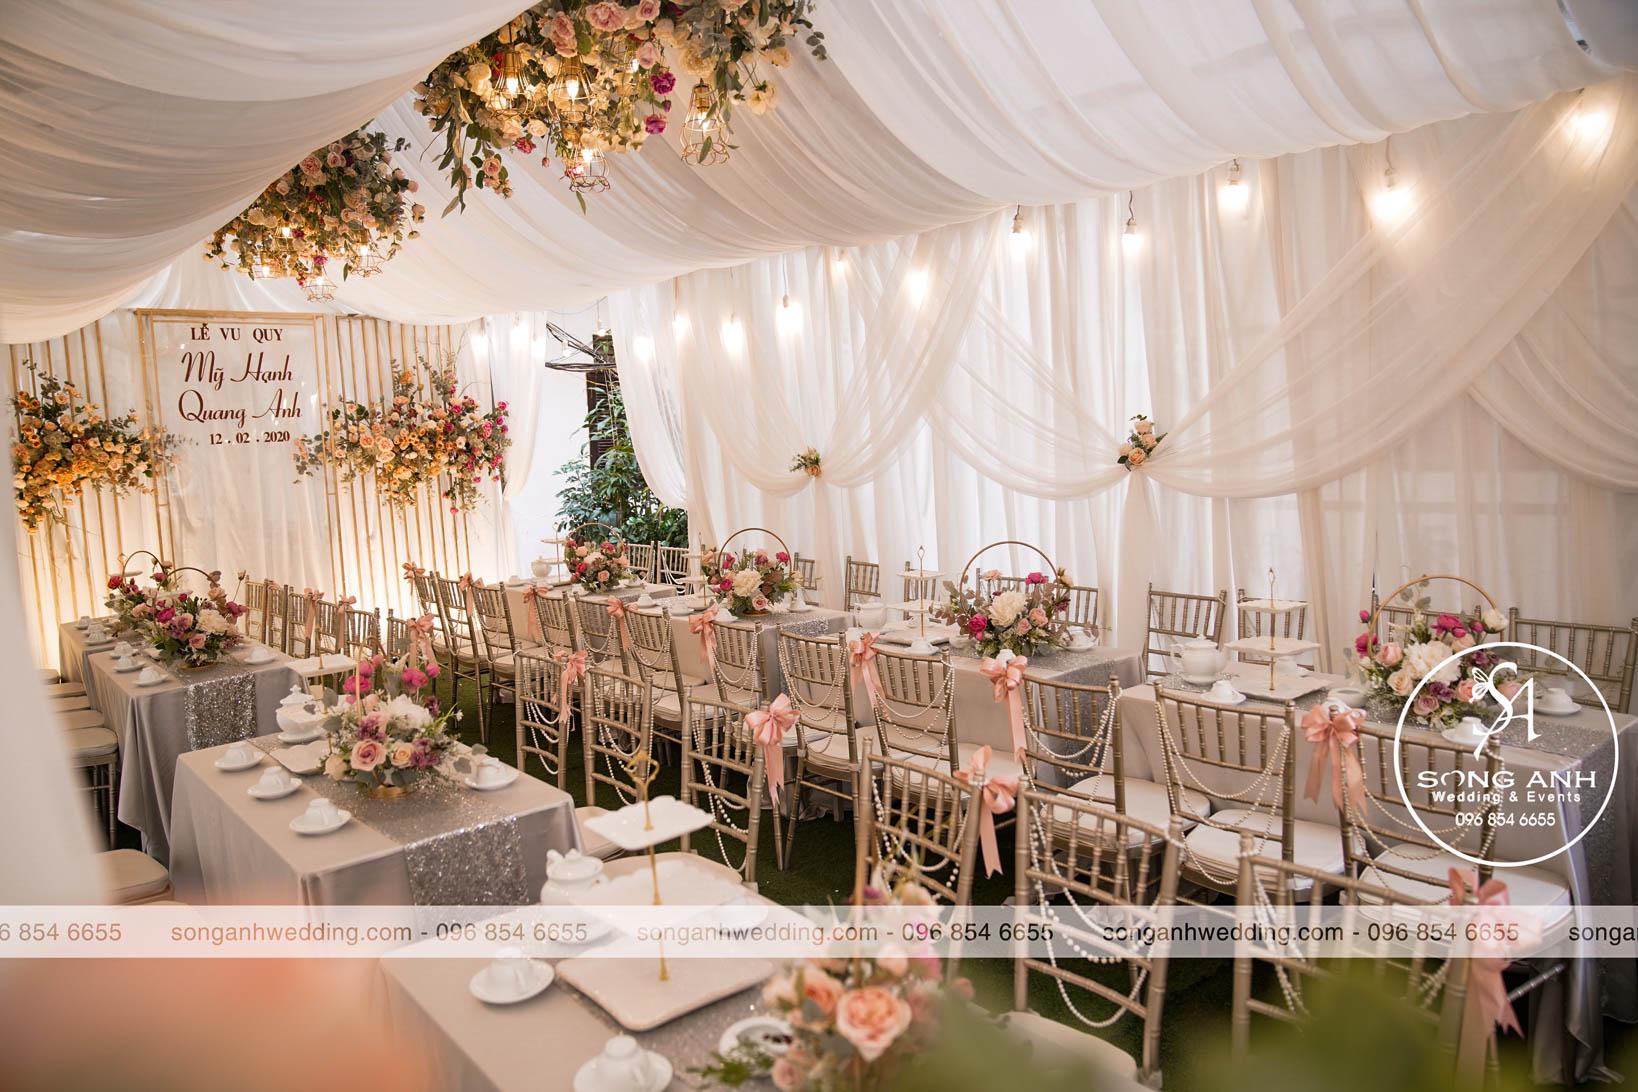 Ghế tiệc cưới được trang trí bằng nơ to tại Song Anh Wedding & Events